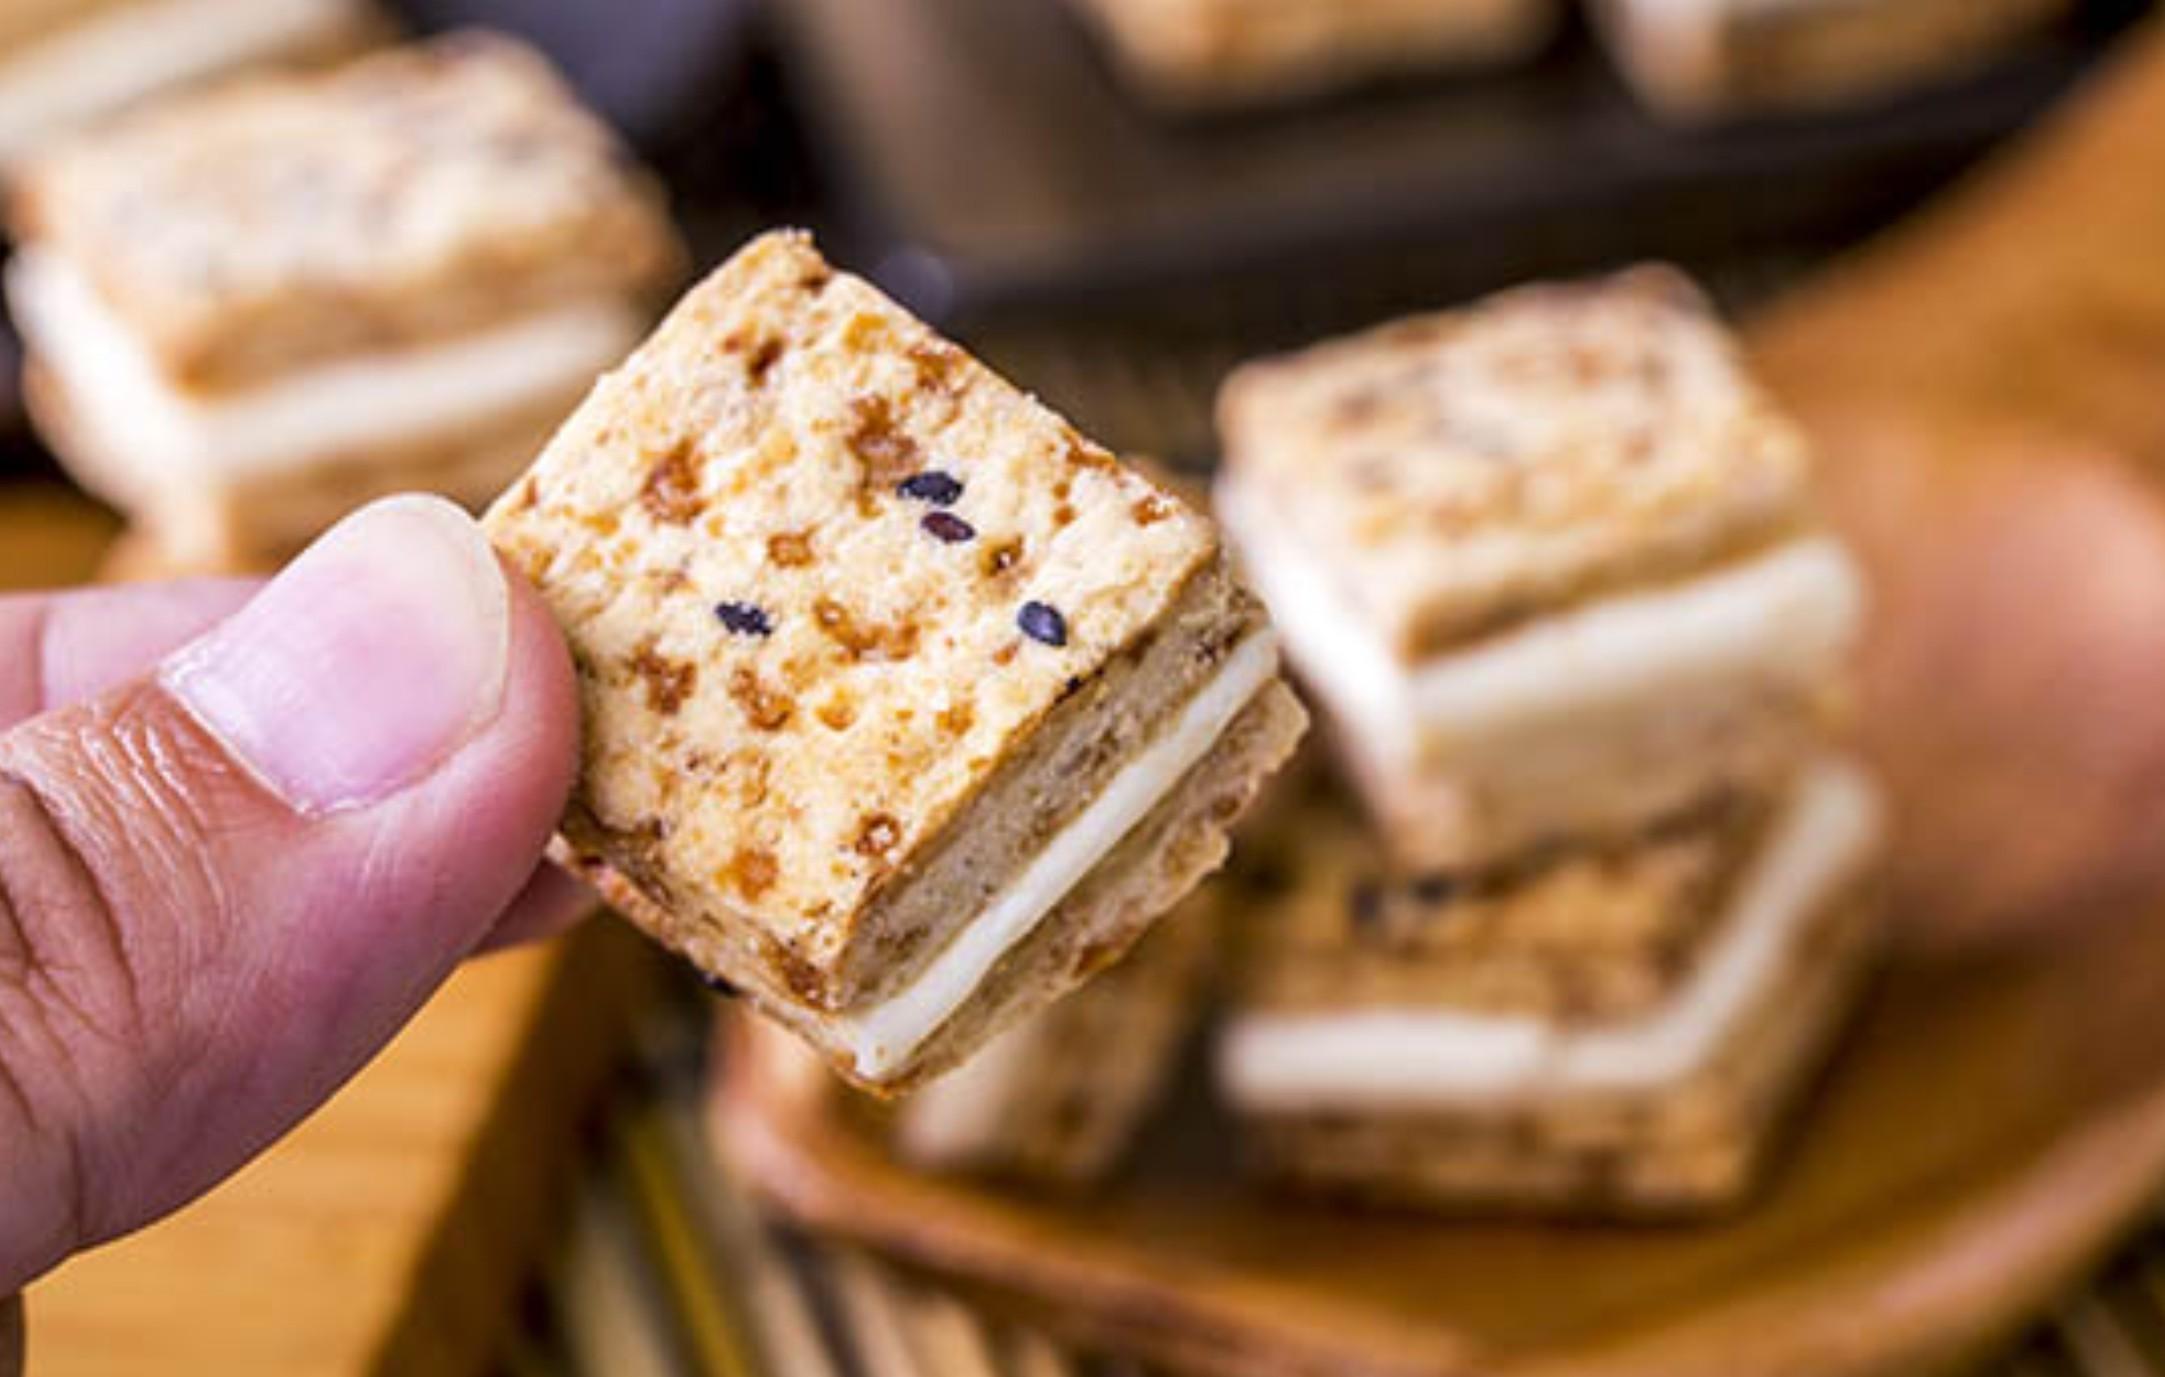 【蘿蒂烘焙坊】爆漿牛軋糖方塊一口酥 (低糖/低熱量)/8包免運組   (即日滿20包送1包呦)(可備註加購手提紙袋2元)